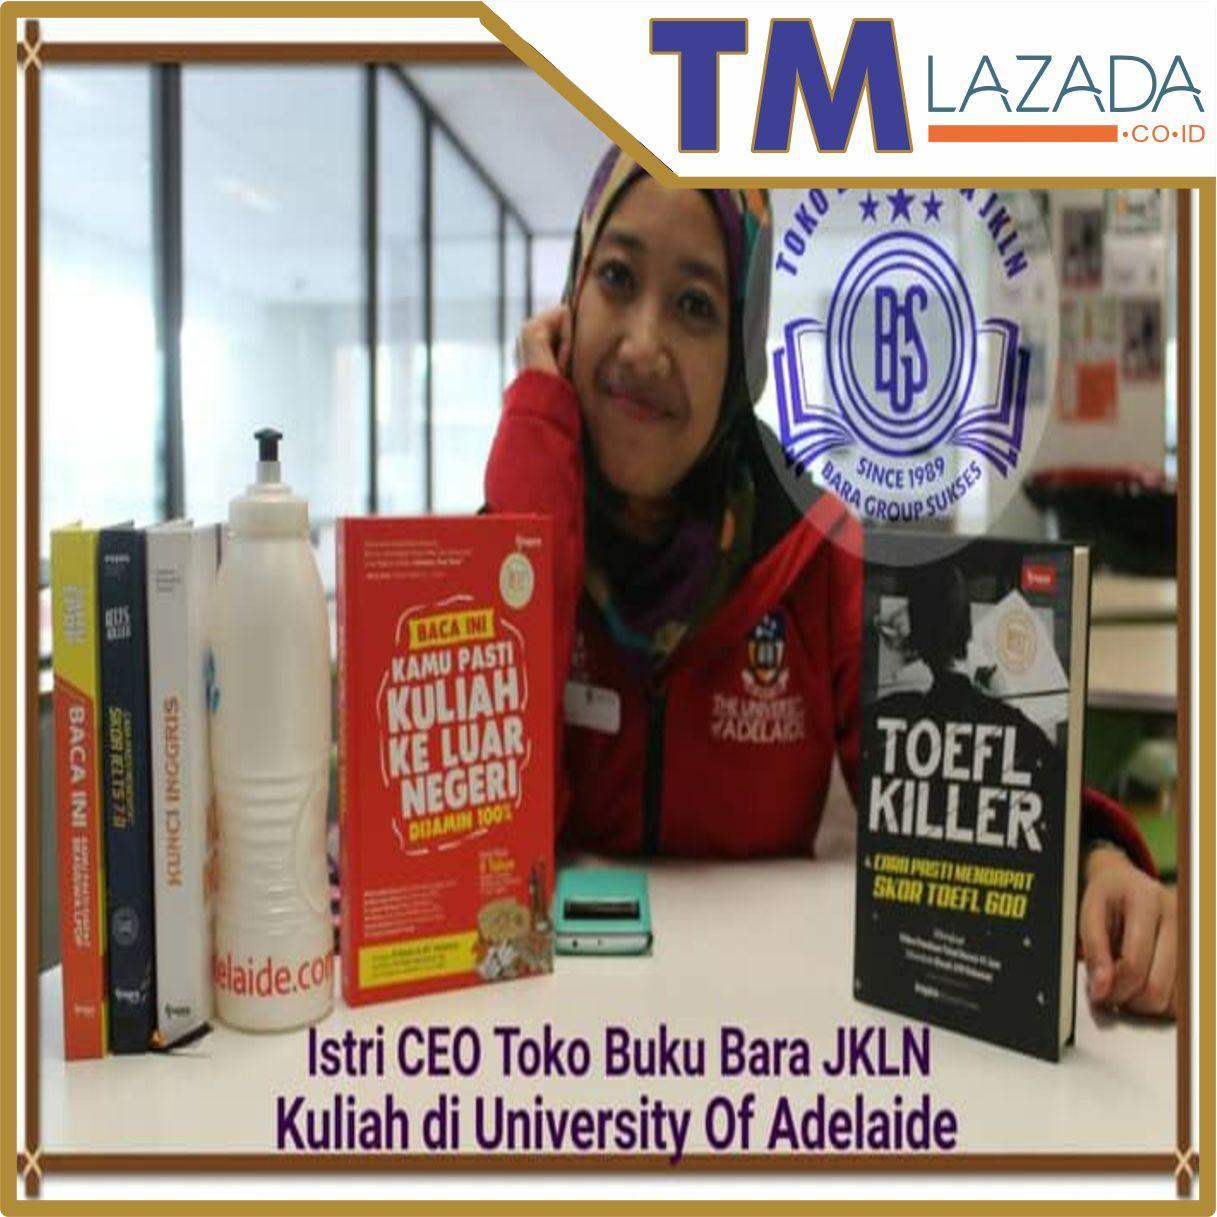 TOEFL KILLER [Rahasia Pencetak Skor TOEFL Tinggi] Terlaris di Lazada